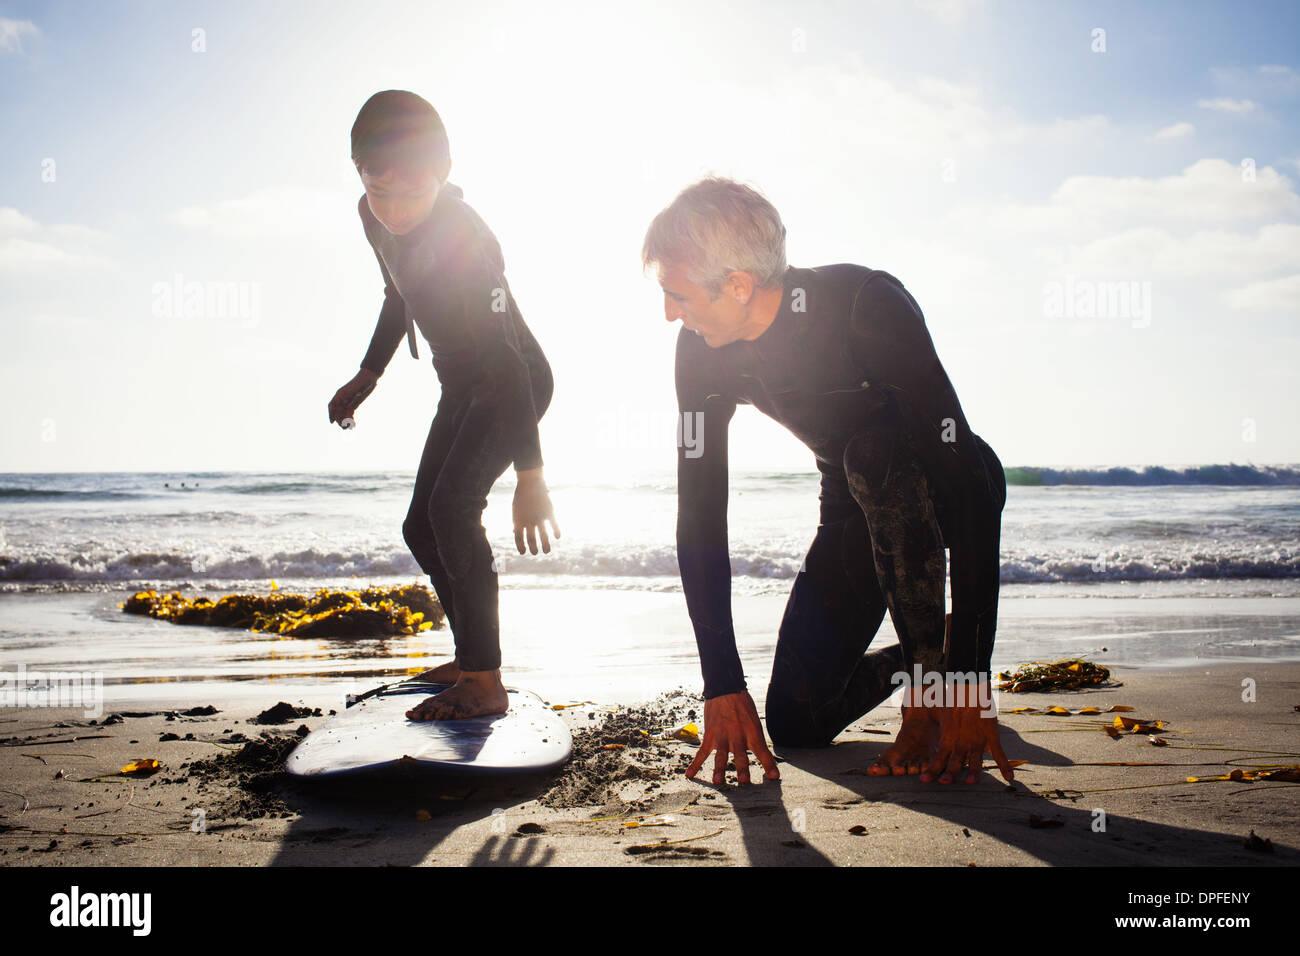 Padre e hijo practicando con tablas de surf en la playa, Encinitas, California, EE.UU. Imagen De Stock